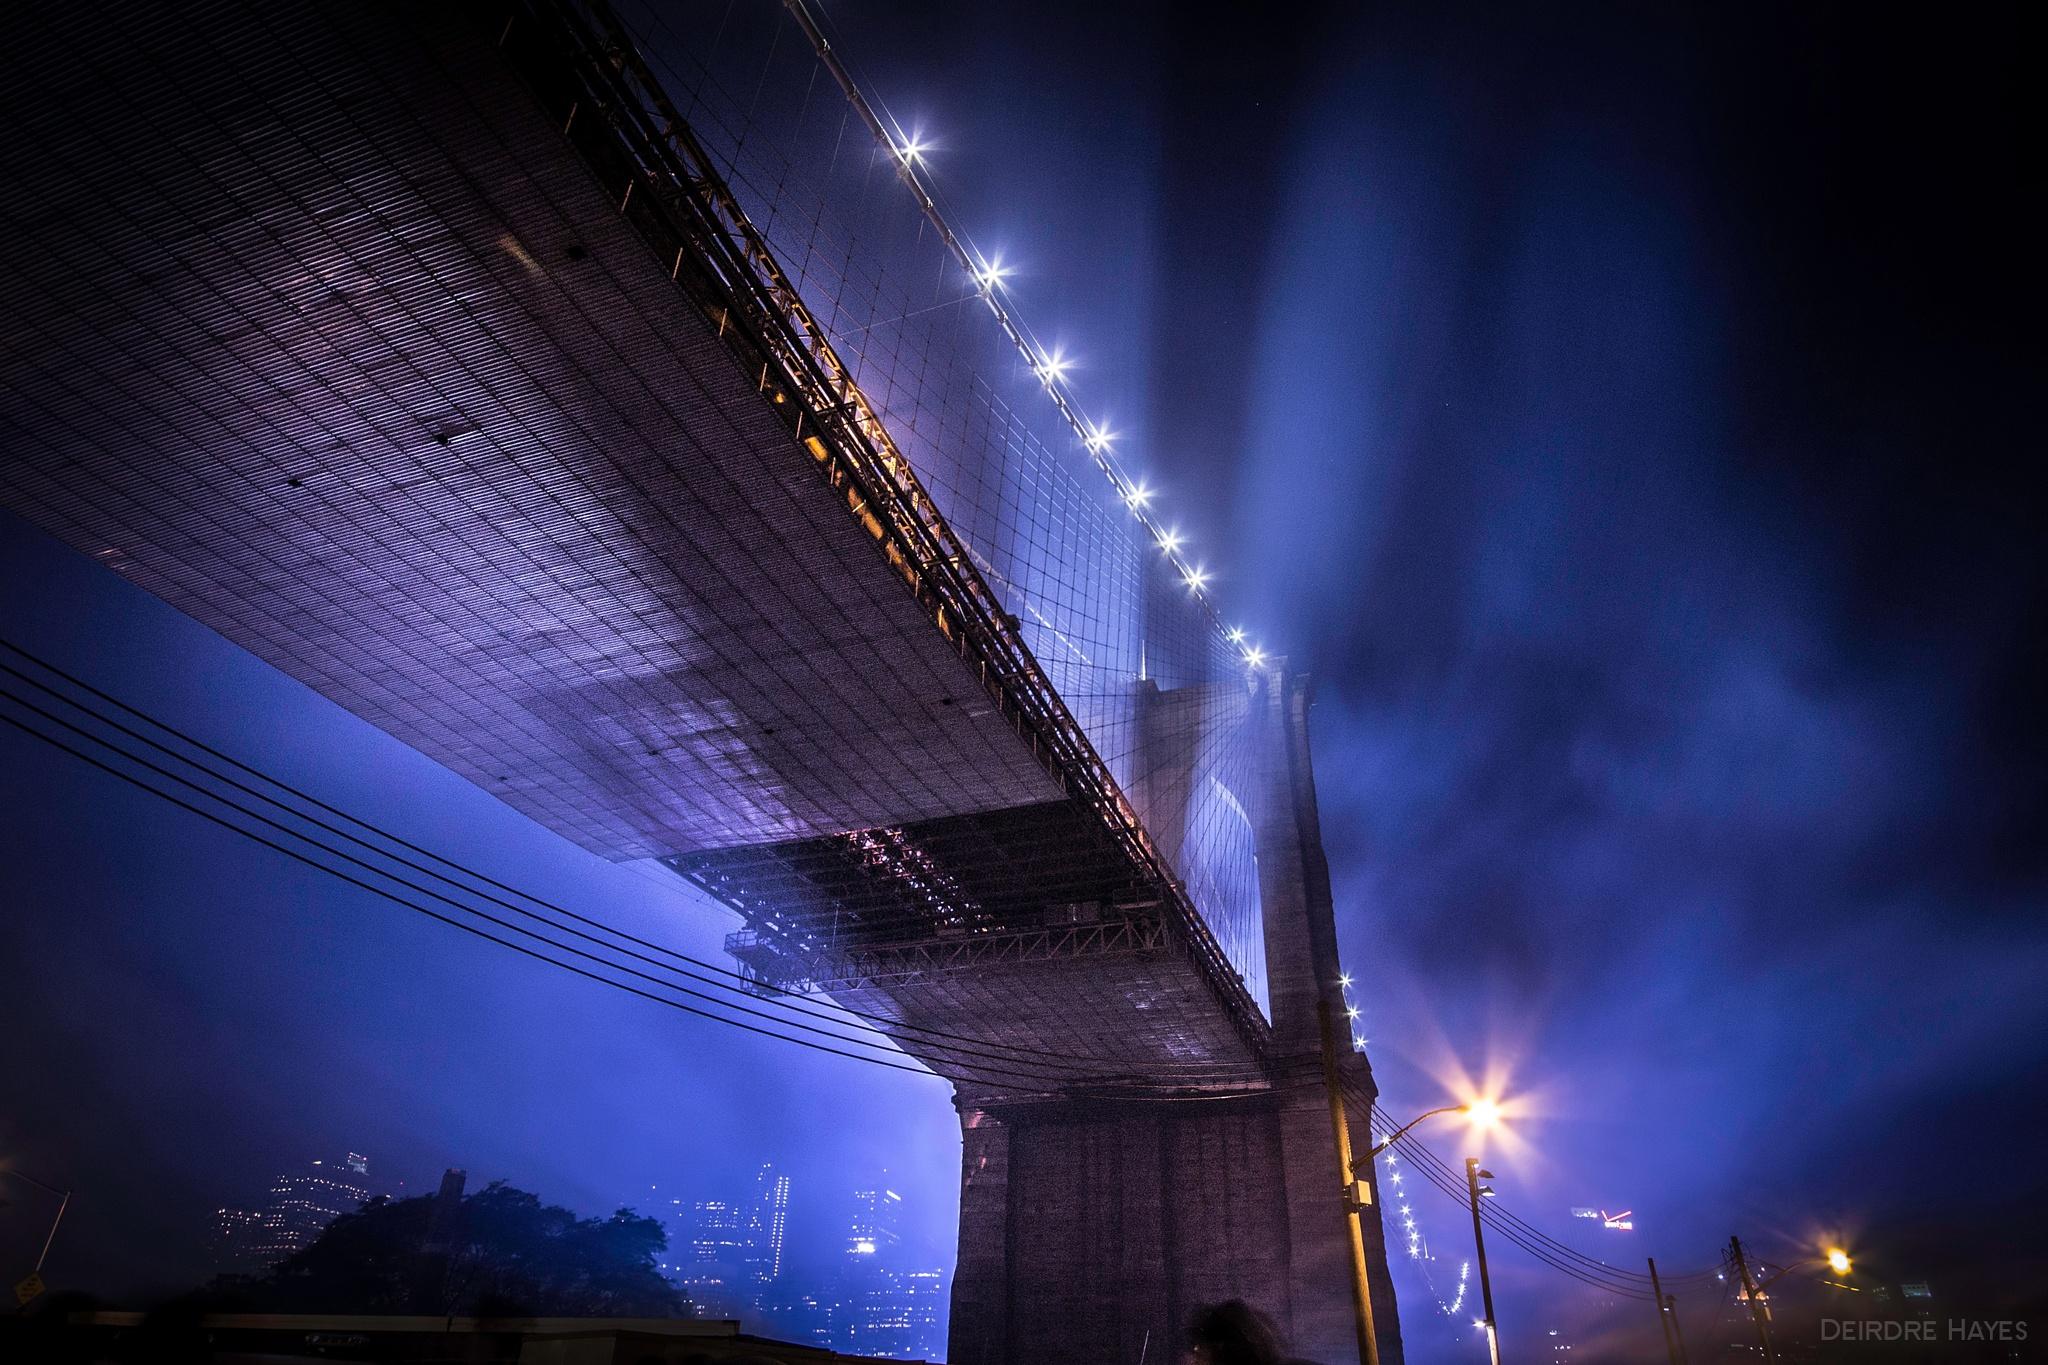 Brooklyn Bridge by Deirdre Hayes